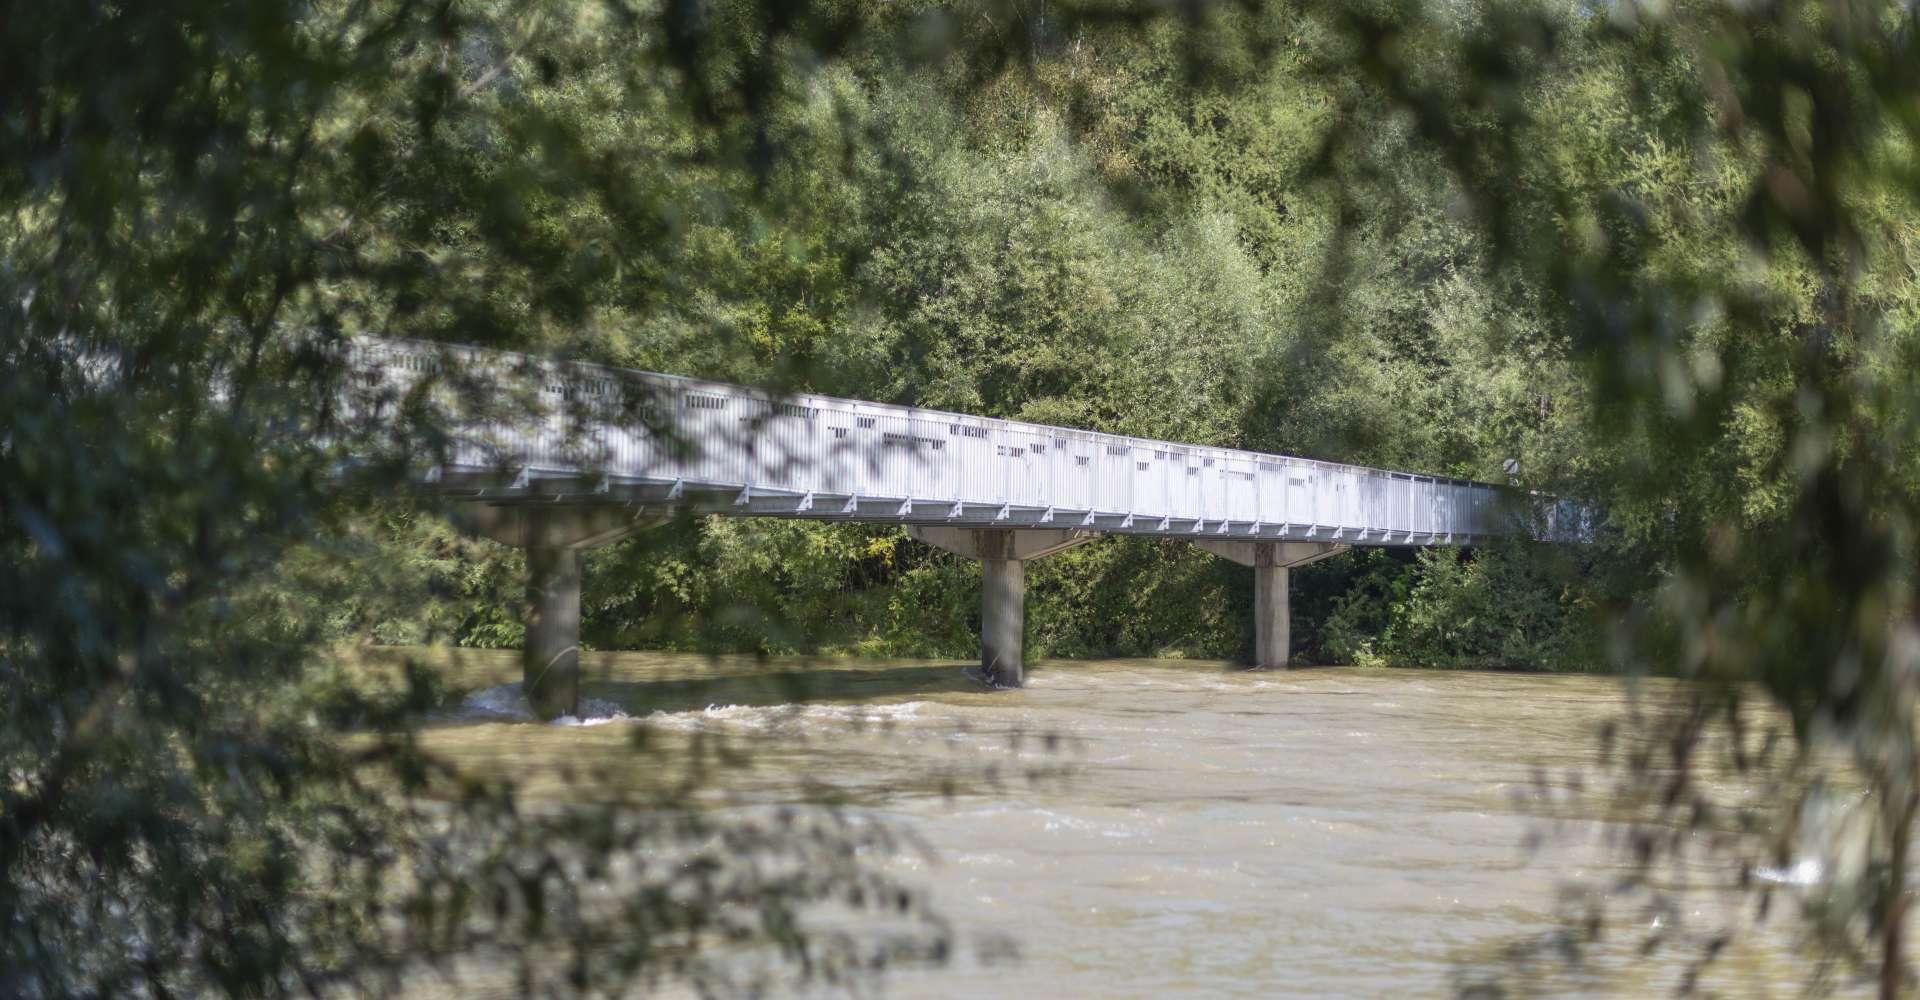 <p>Mur - zahlreiche Brücken begleiten uns auf unserer Tour entlang der Mur.&nbsp;</p> Copyright: